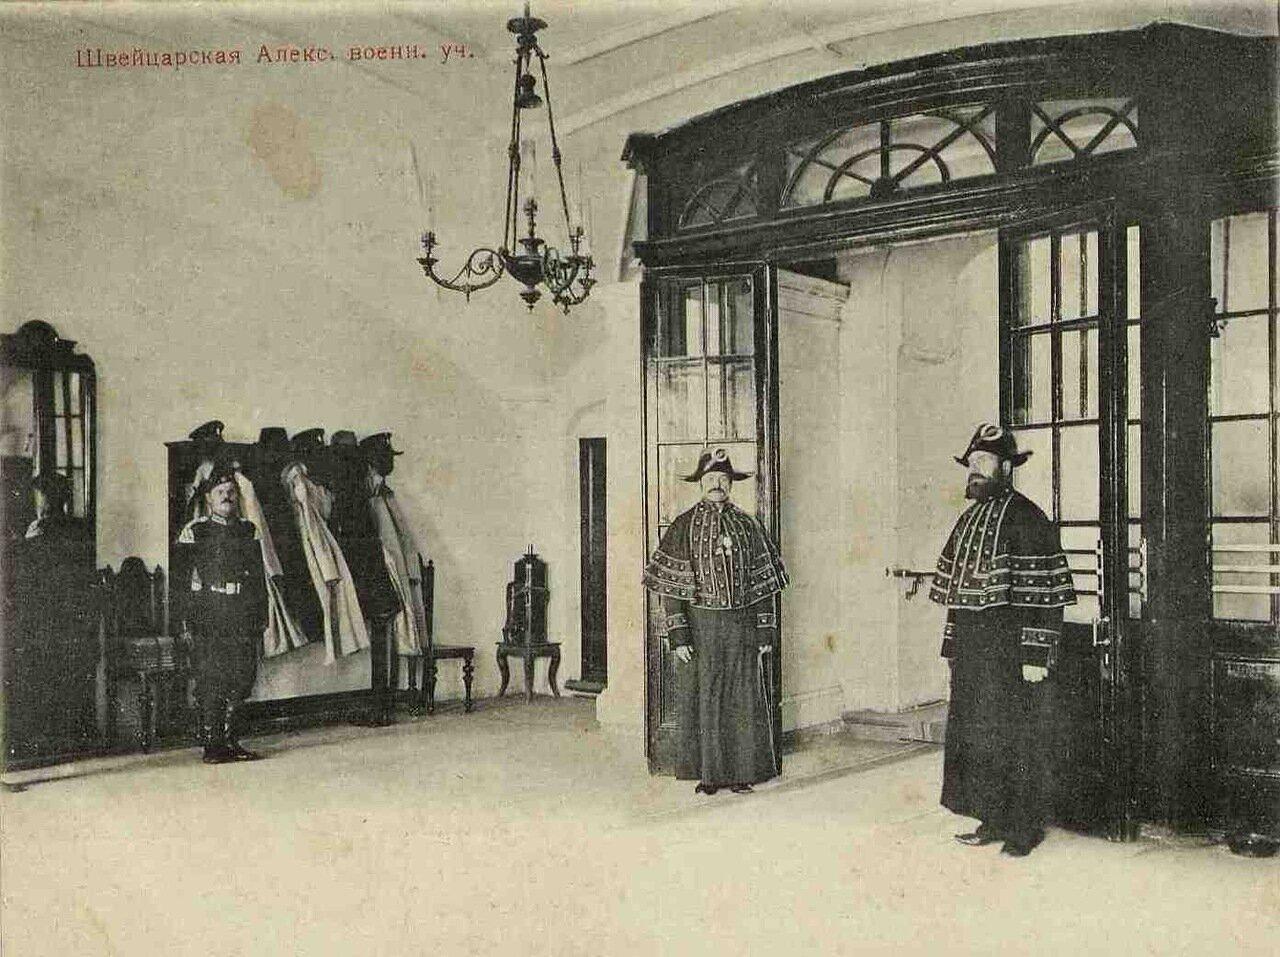 Александровское военное училище. Швейцарская